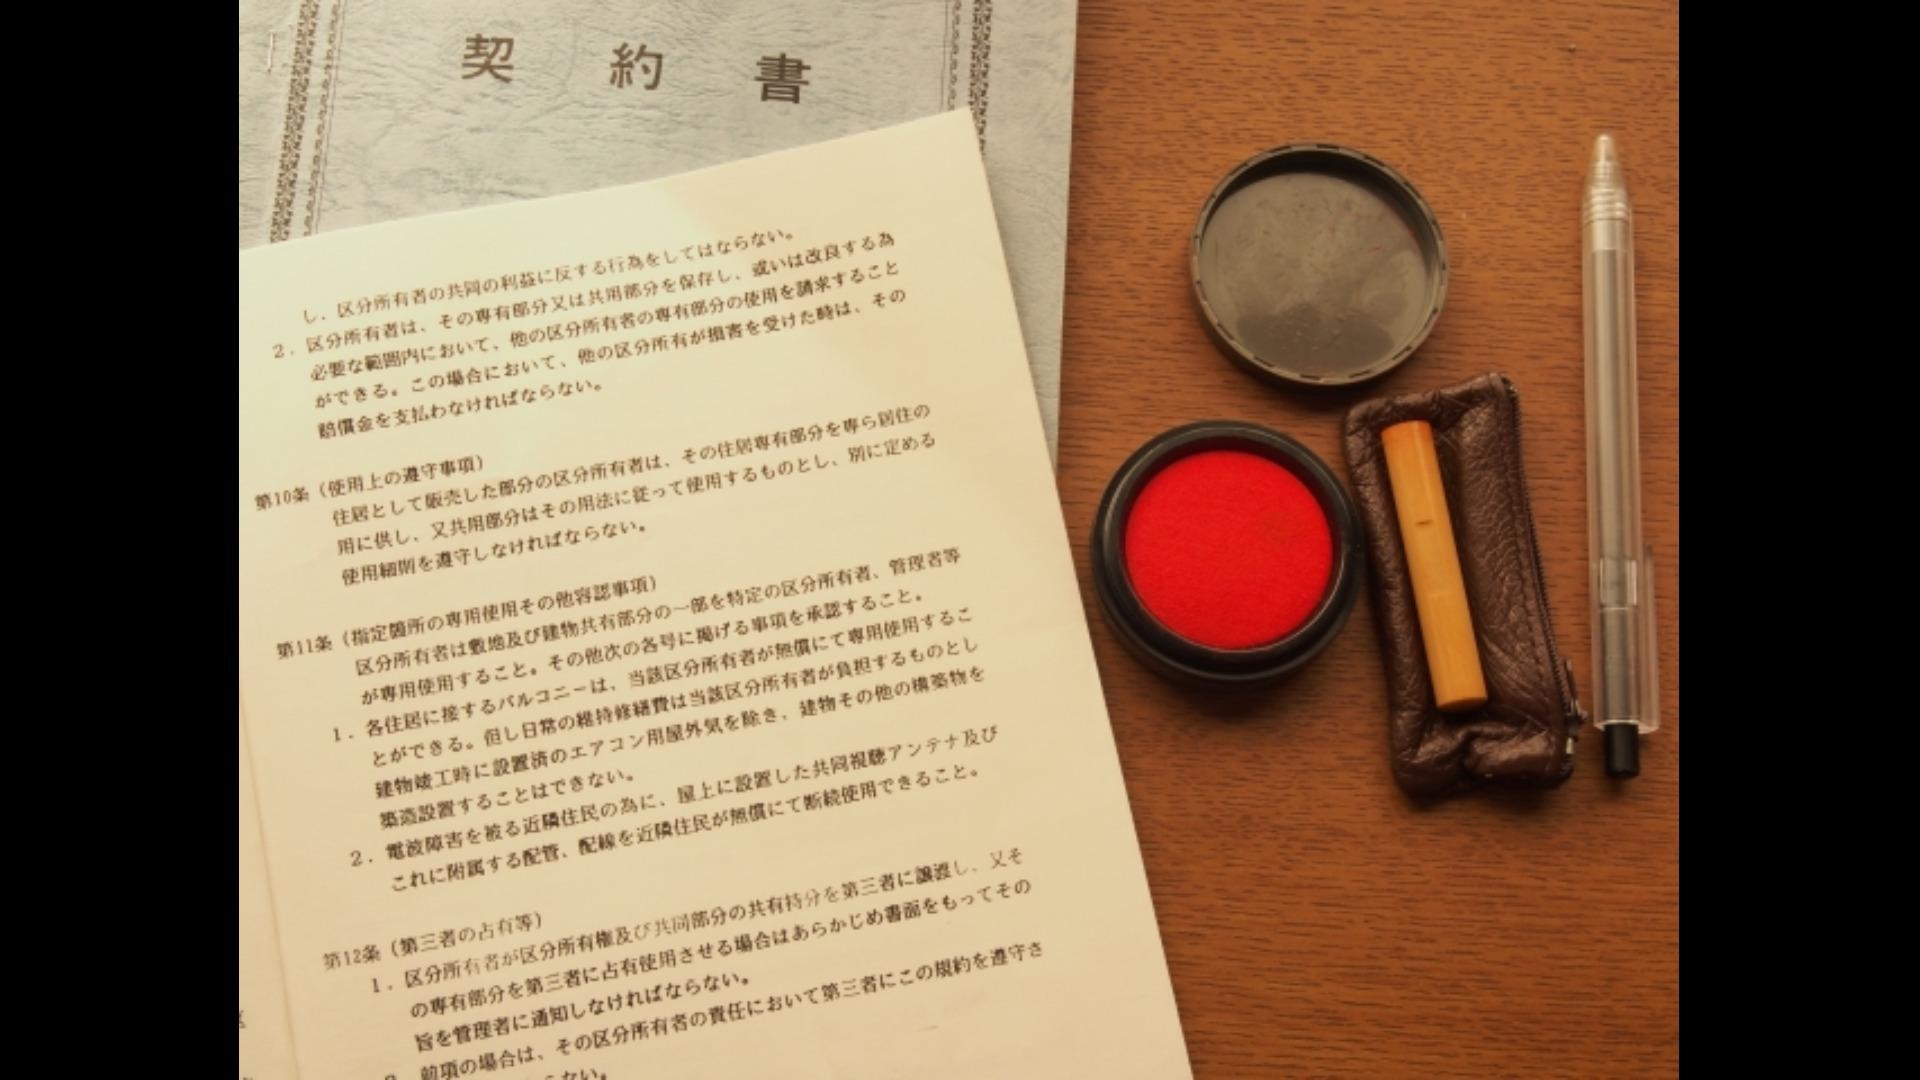 【商法】民事系3科目ケア講義2(Takumi-Aikawa担当分)